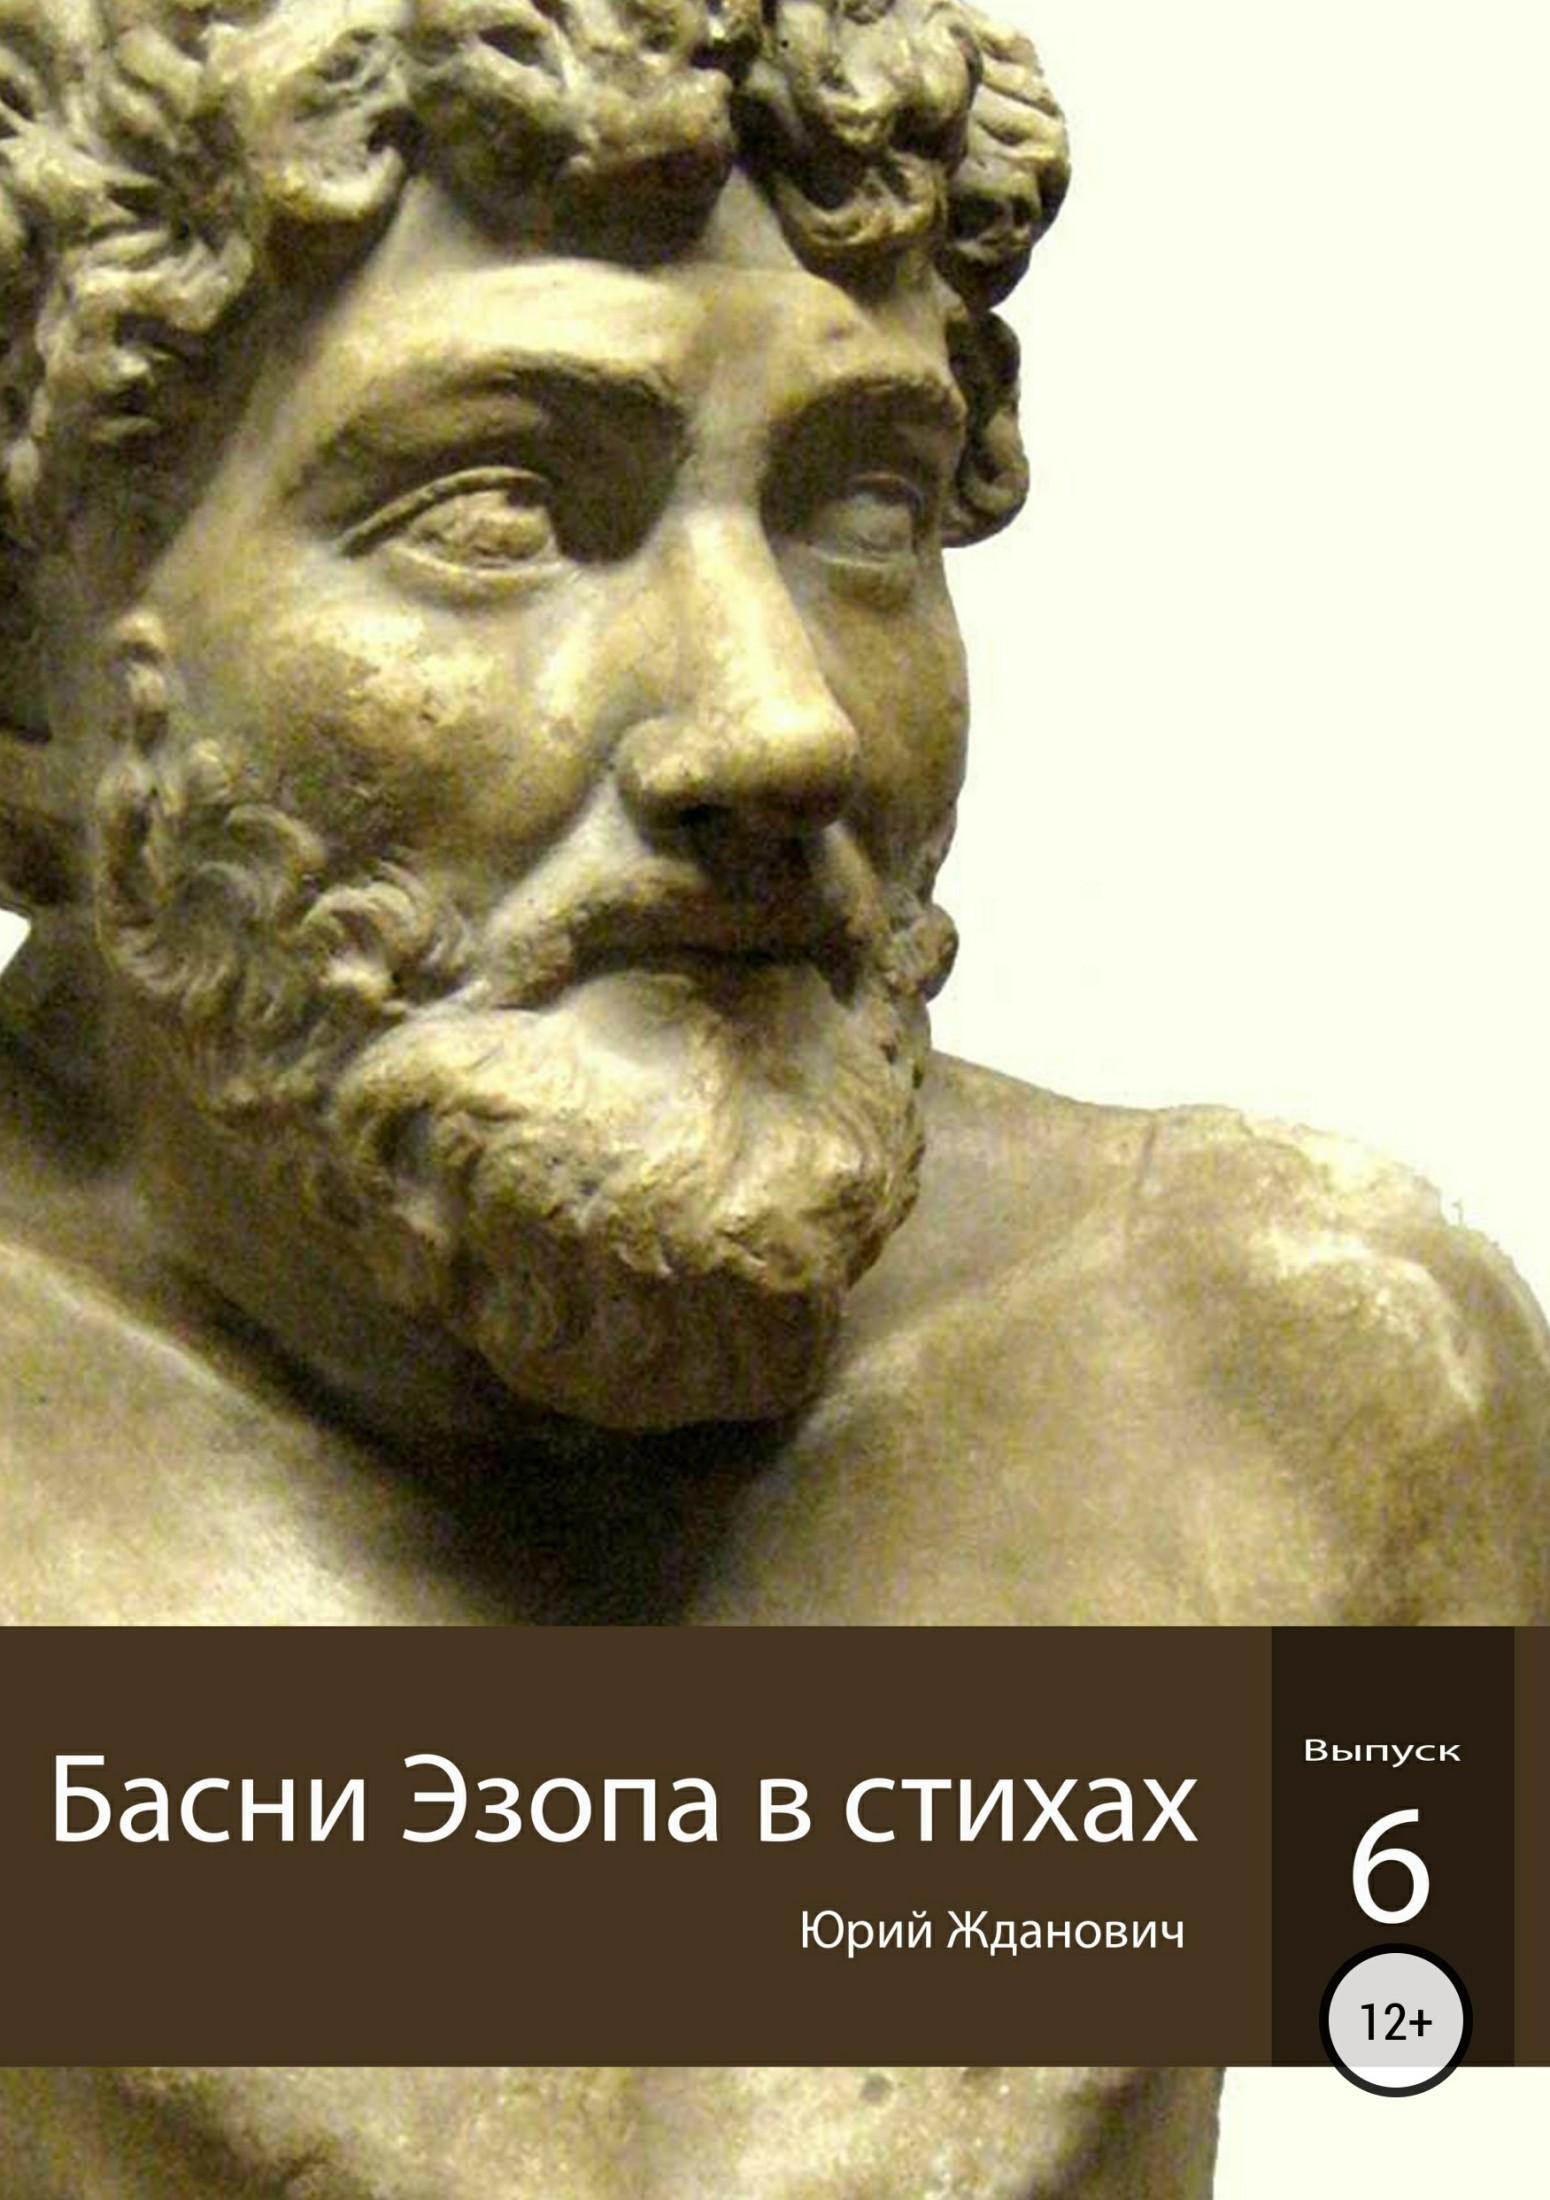 Басни Эзопа в стихах. Выпуск 6